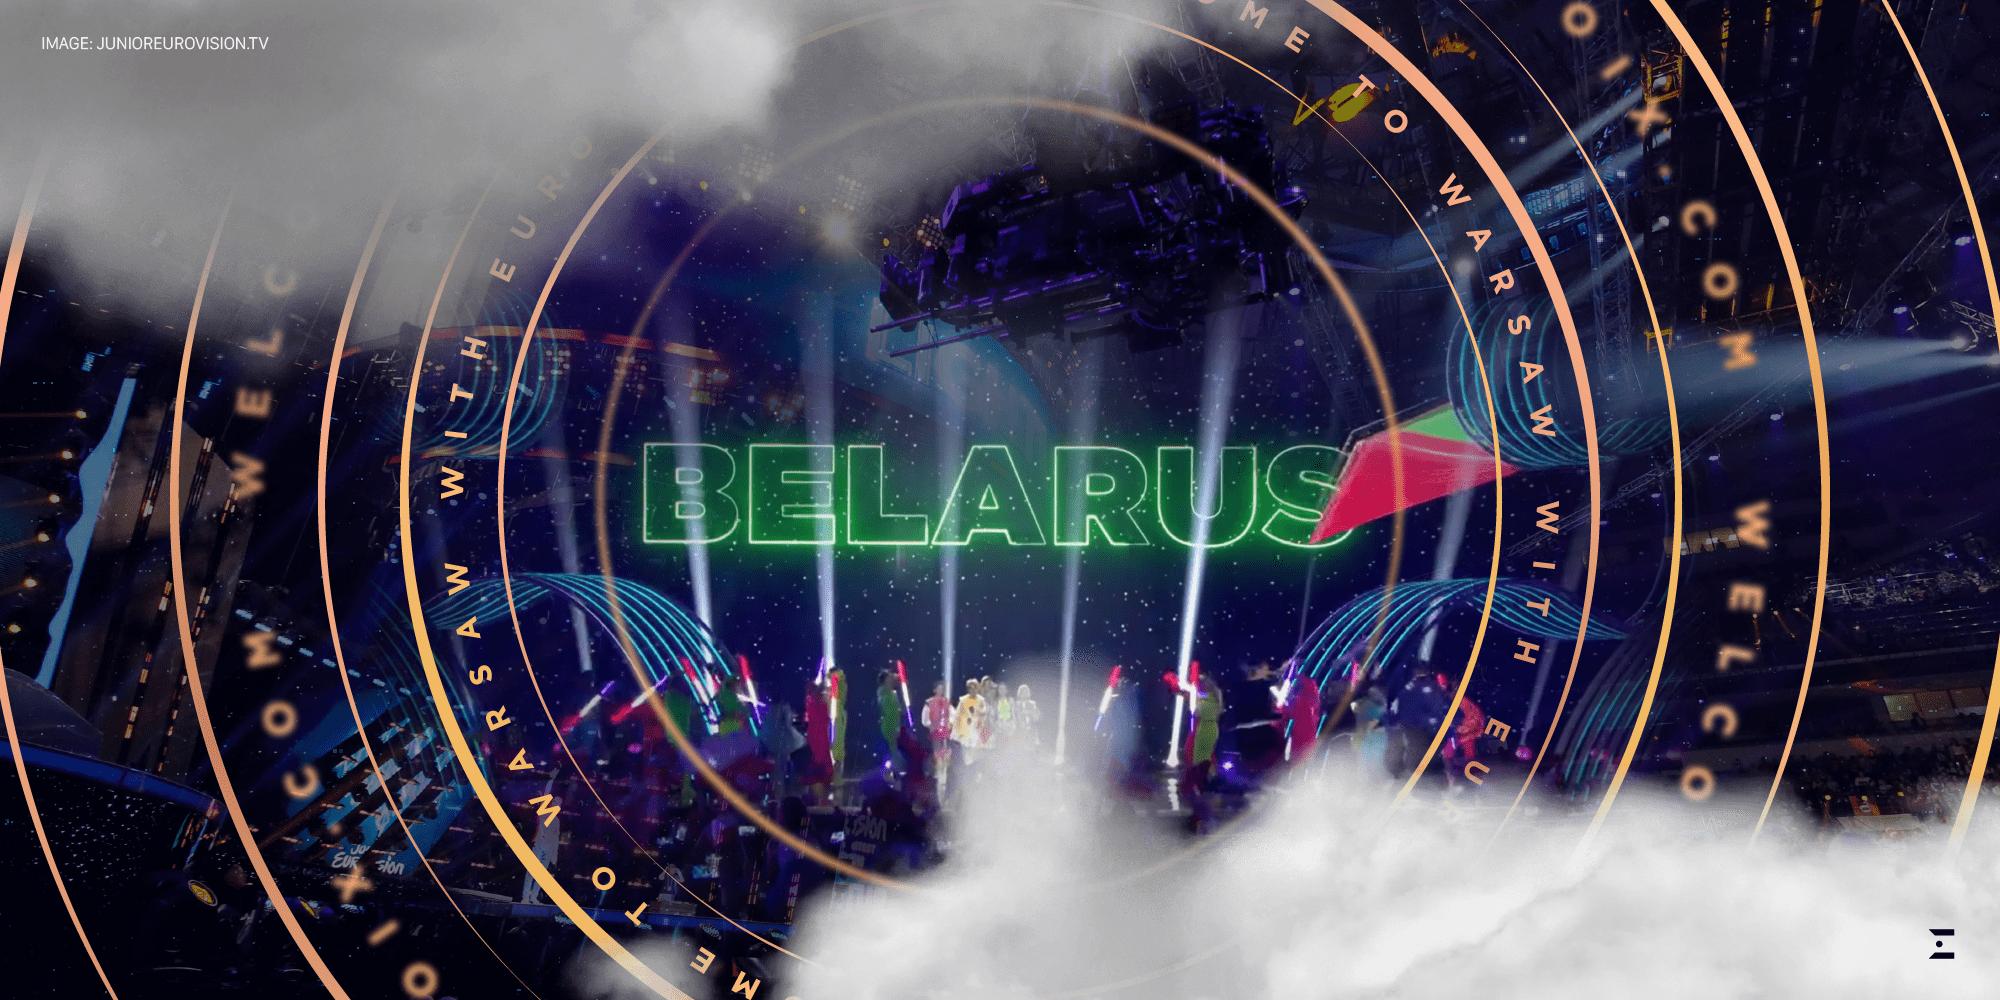 Belarus - JESC